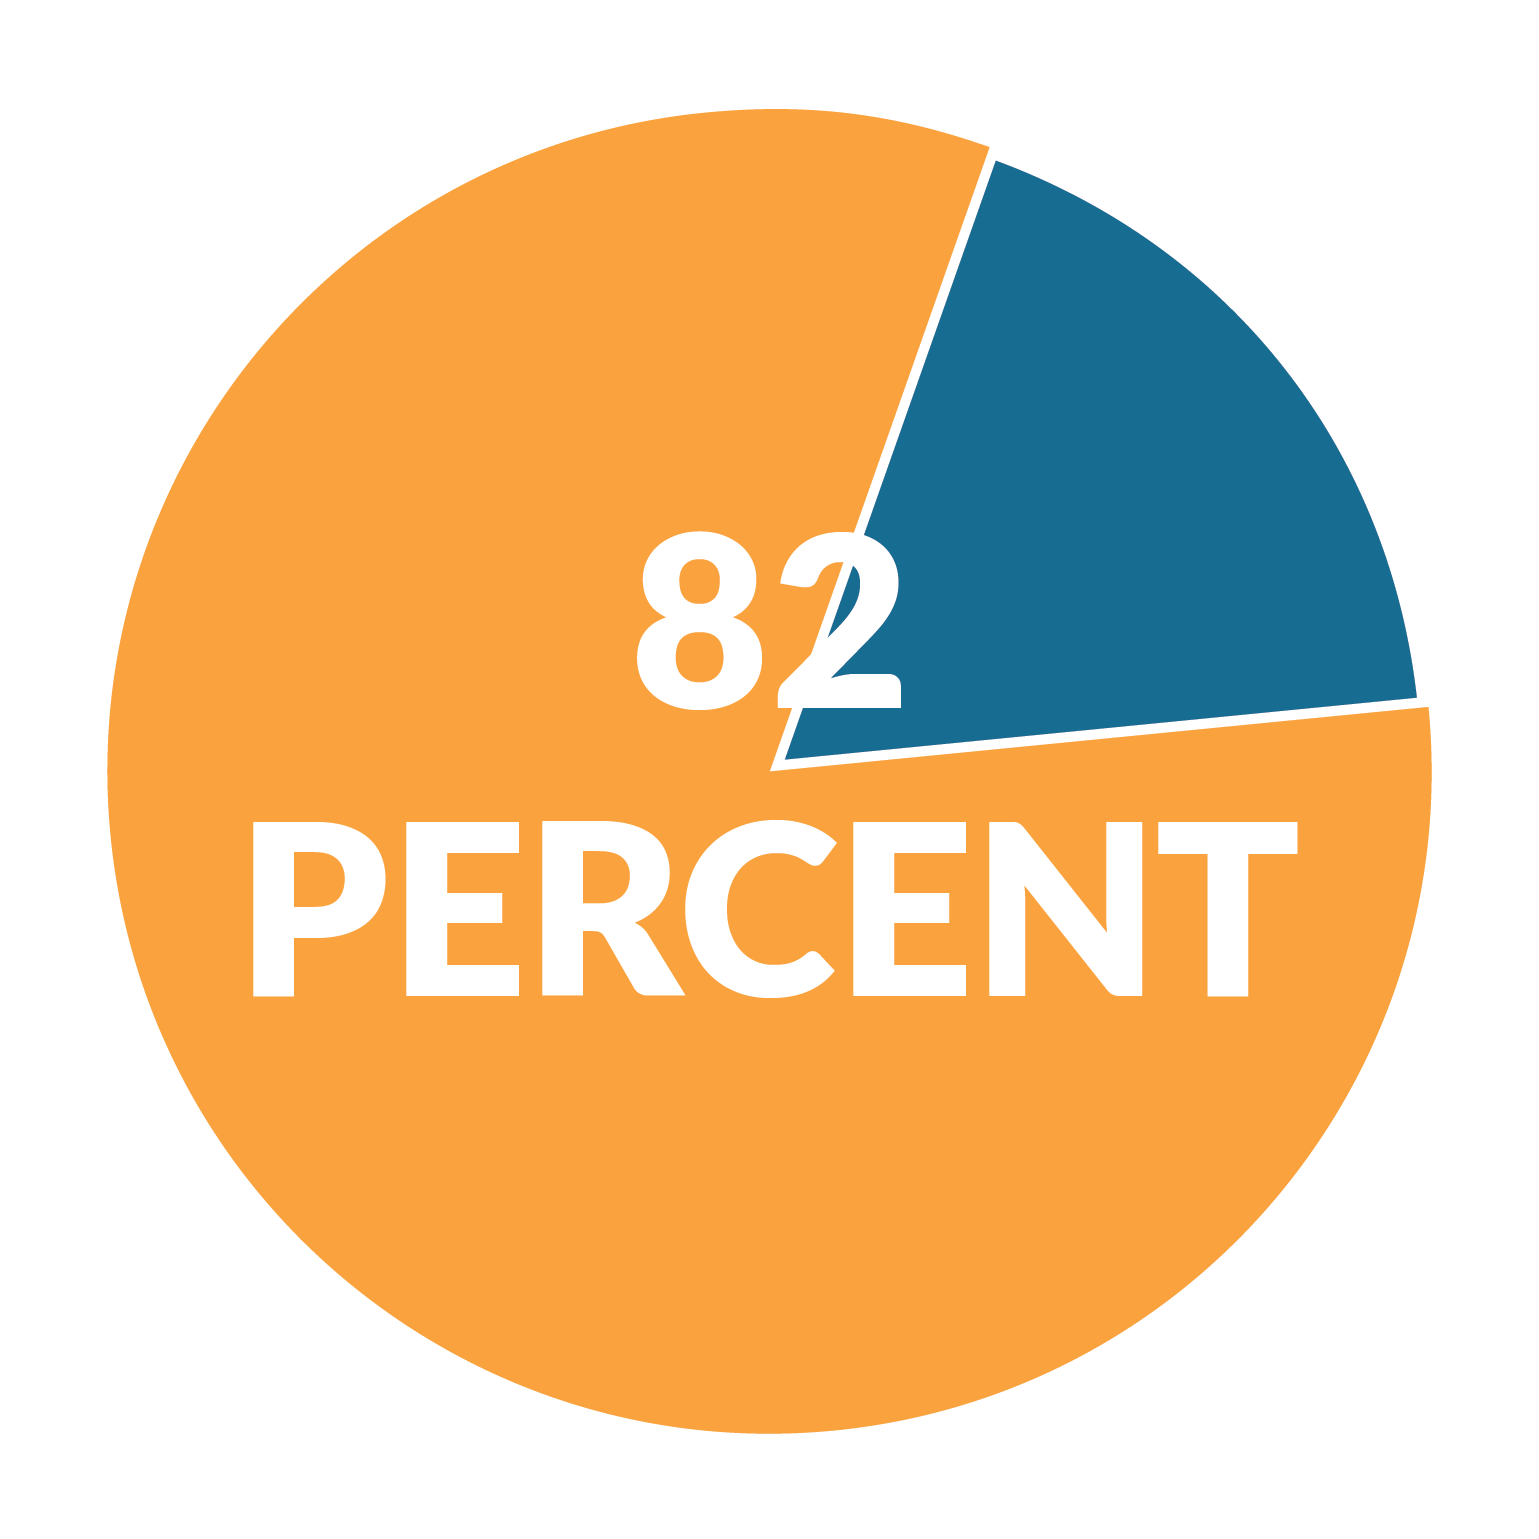 82 percent-03